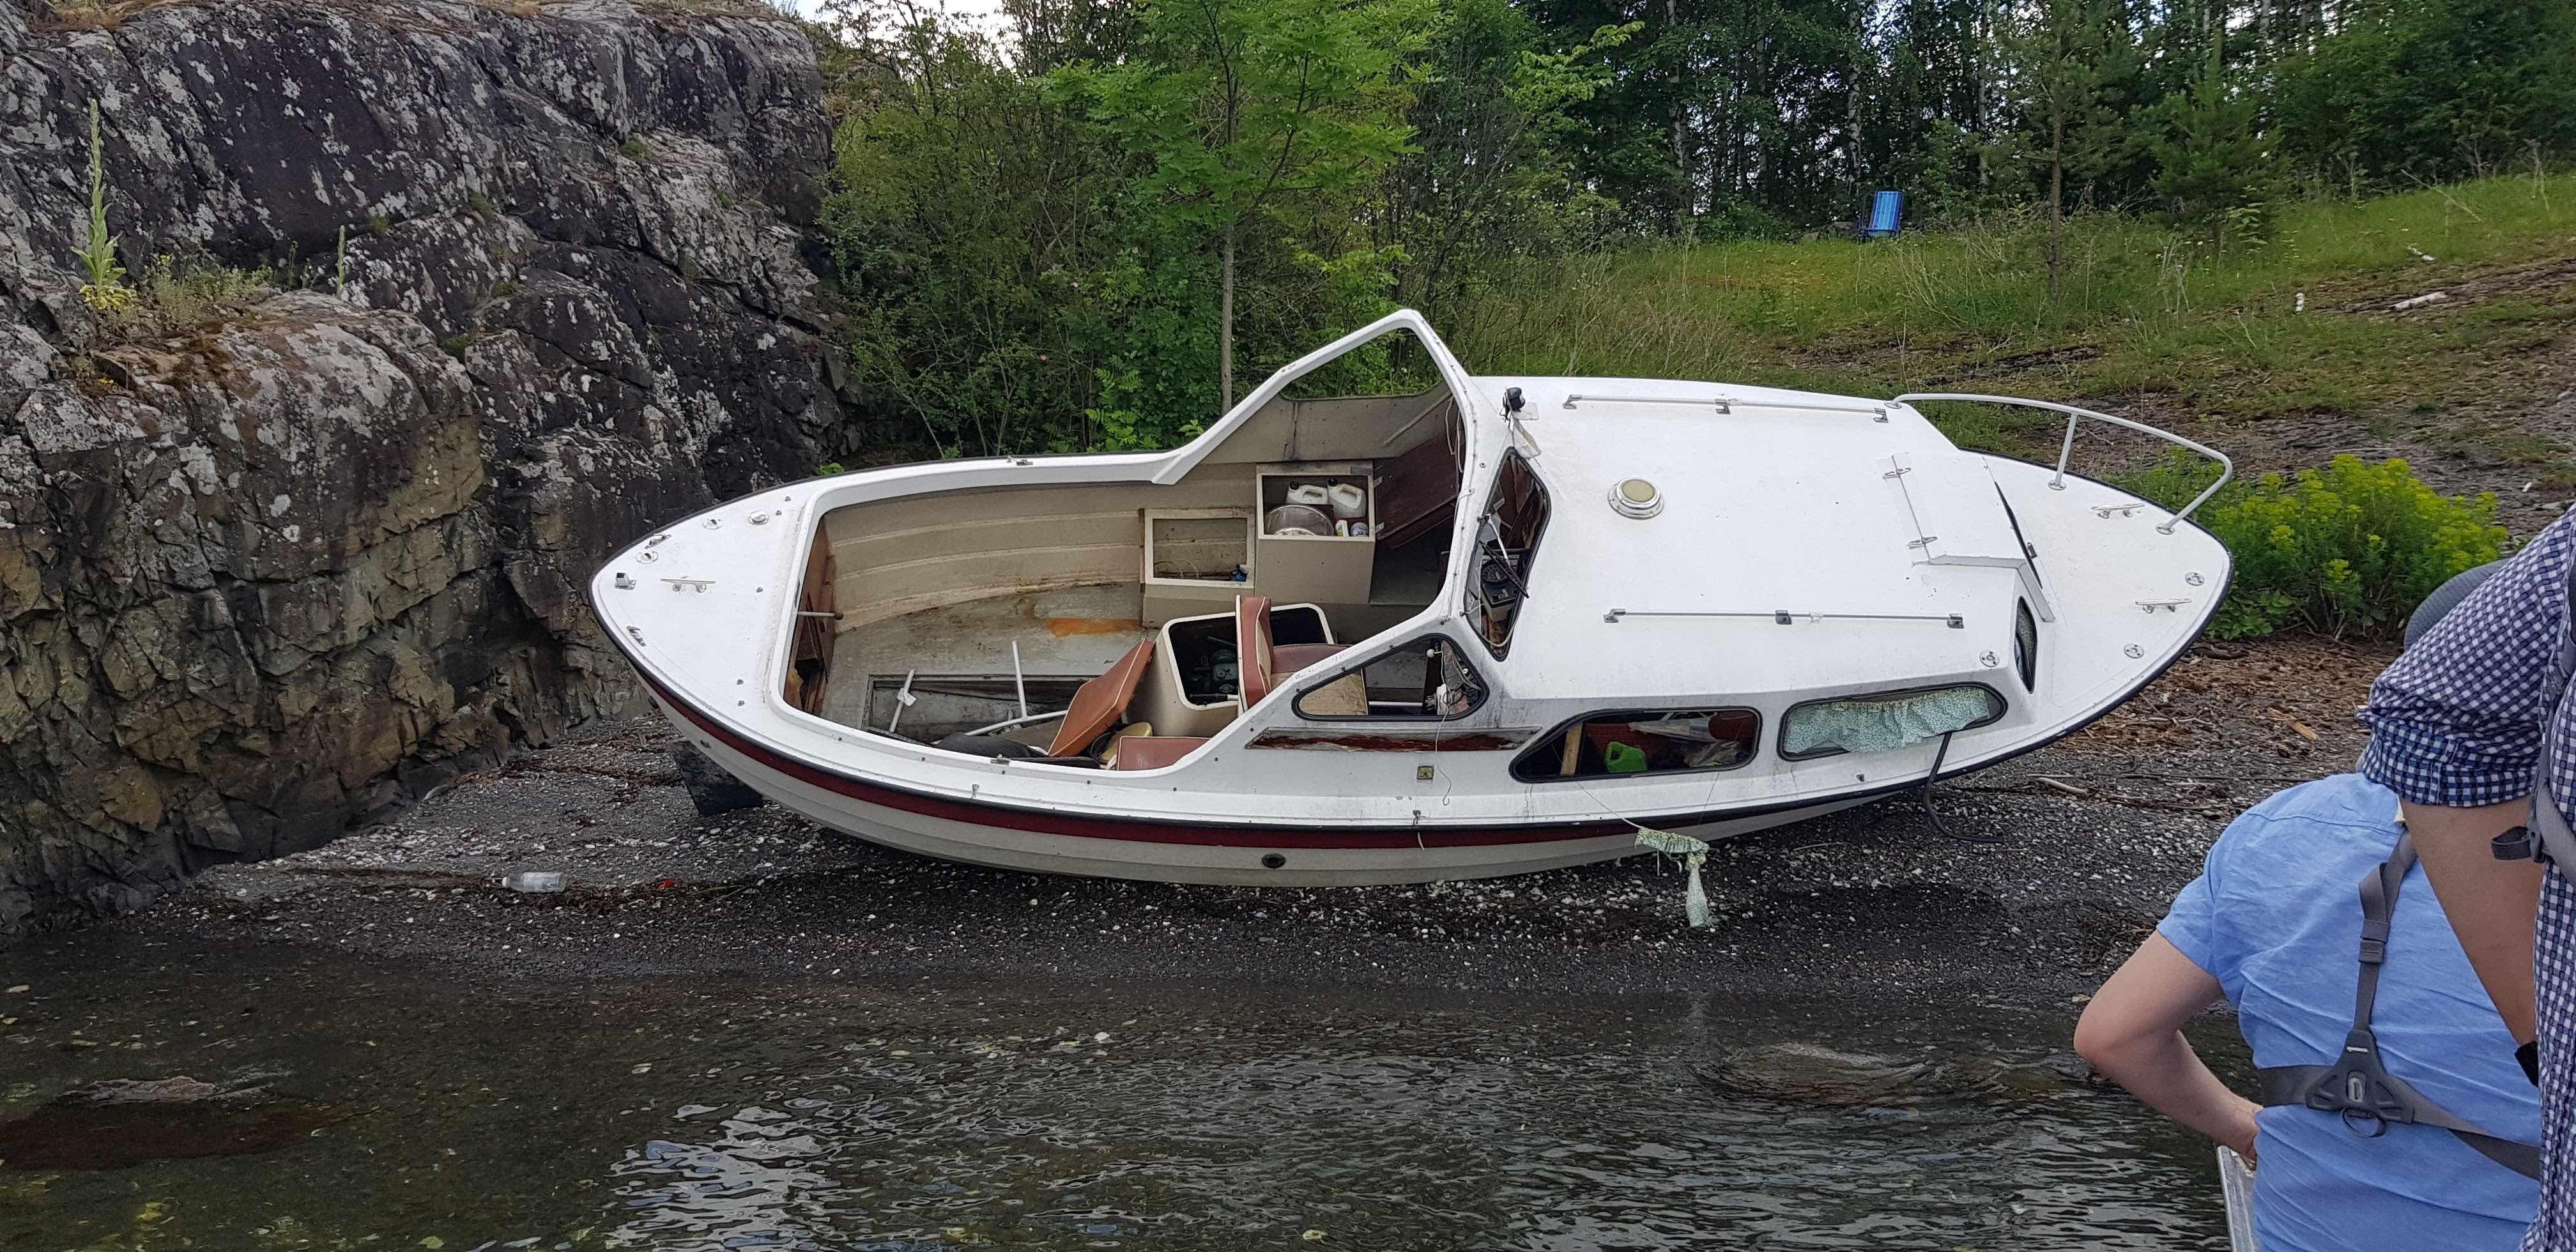 Utgåtte båter blir forlatt på øde strender eller gjort hull på slik at de synker på havets bunn. Dette er et problem i hele landet.